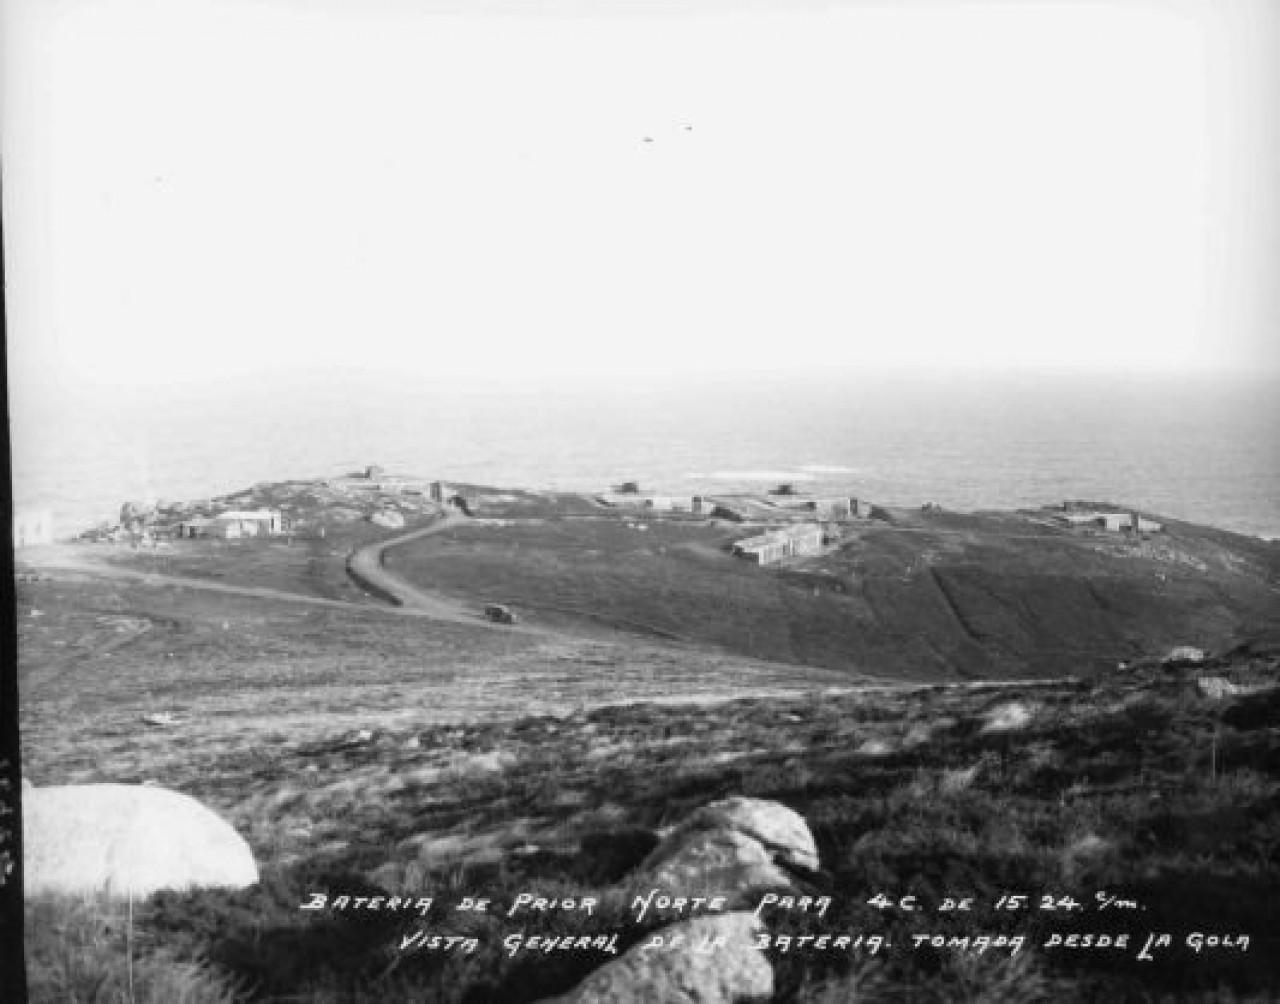 Vista general de la batería de Prior Norte en el año 1928